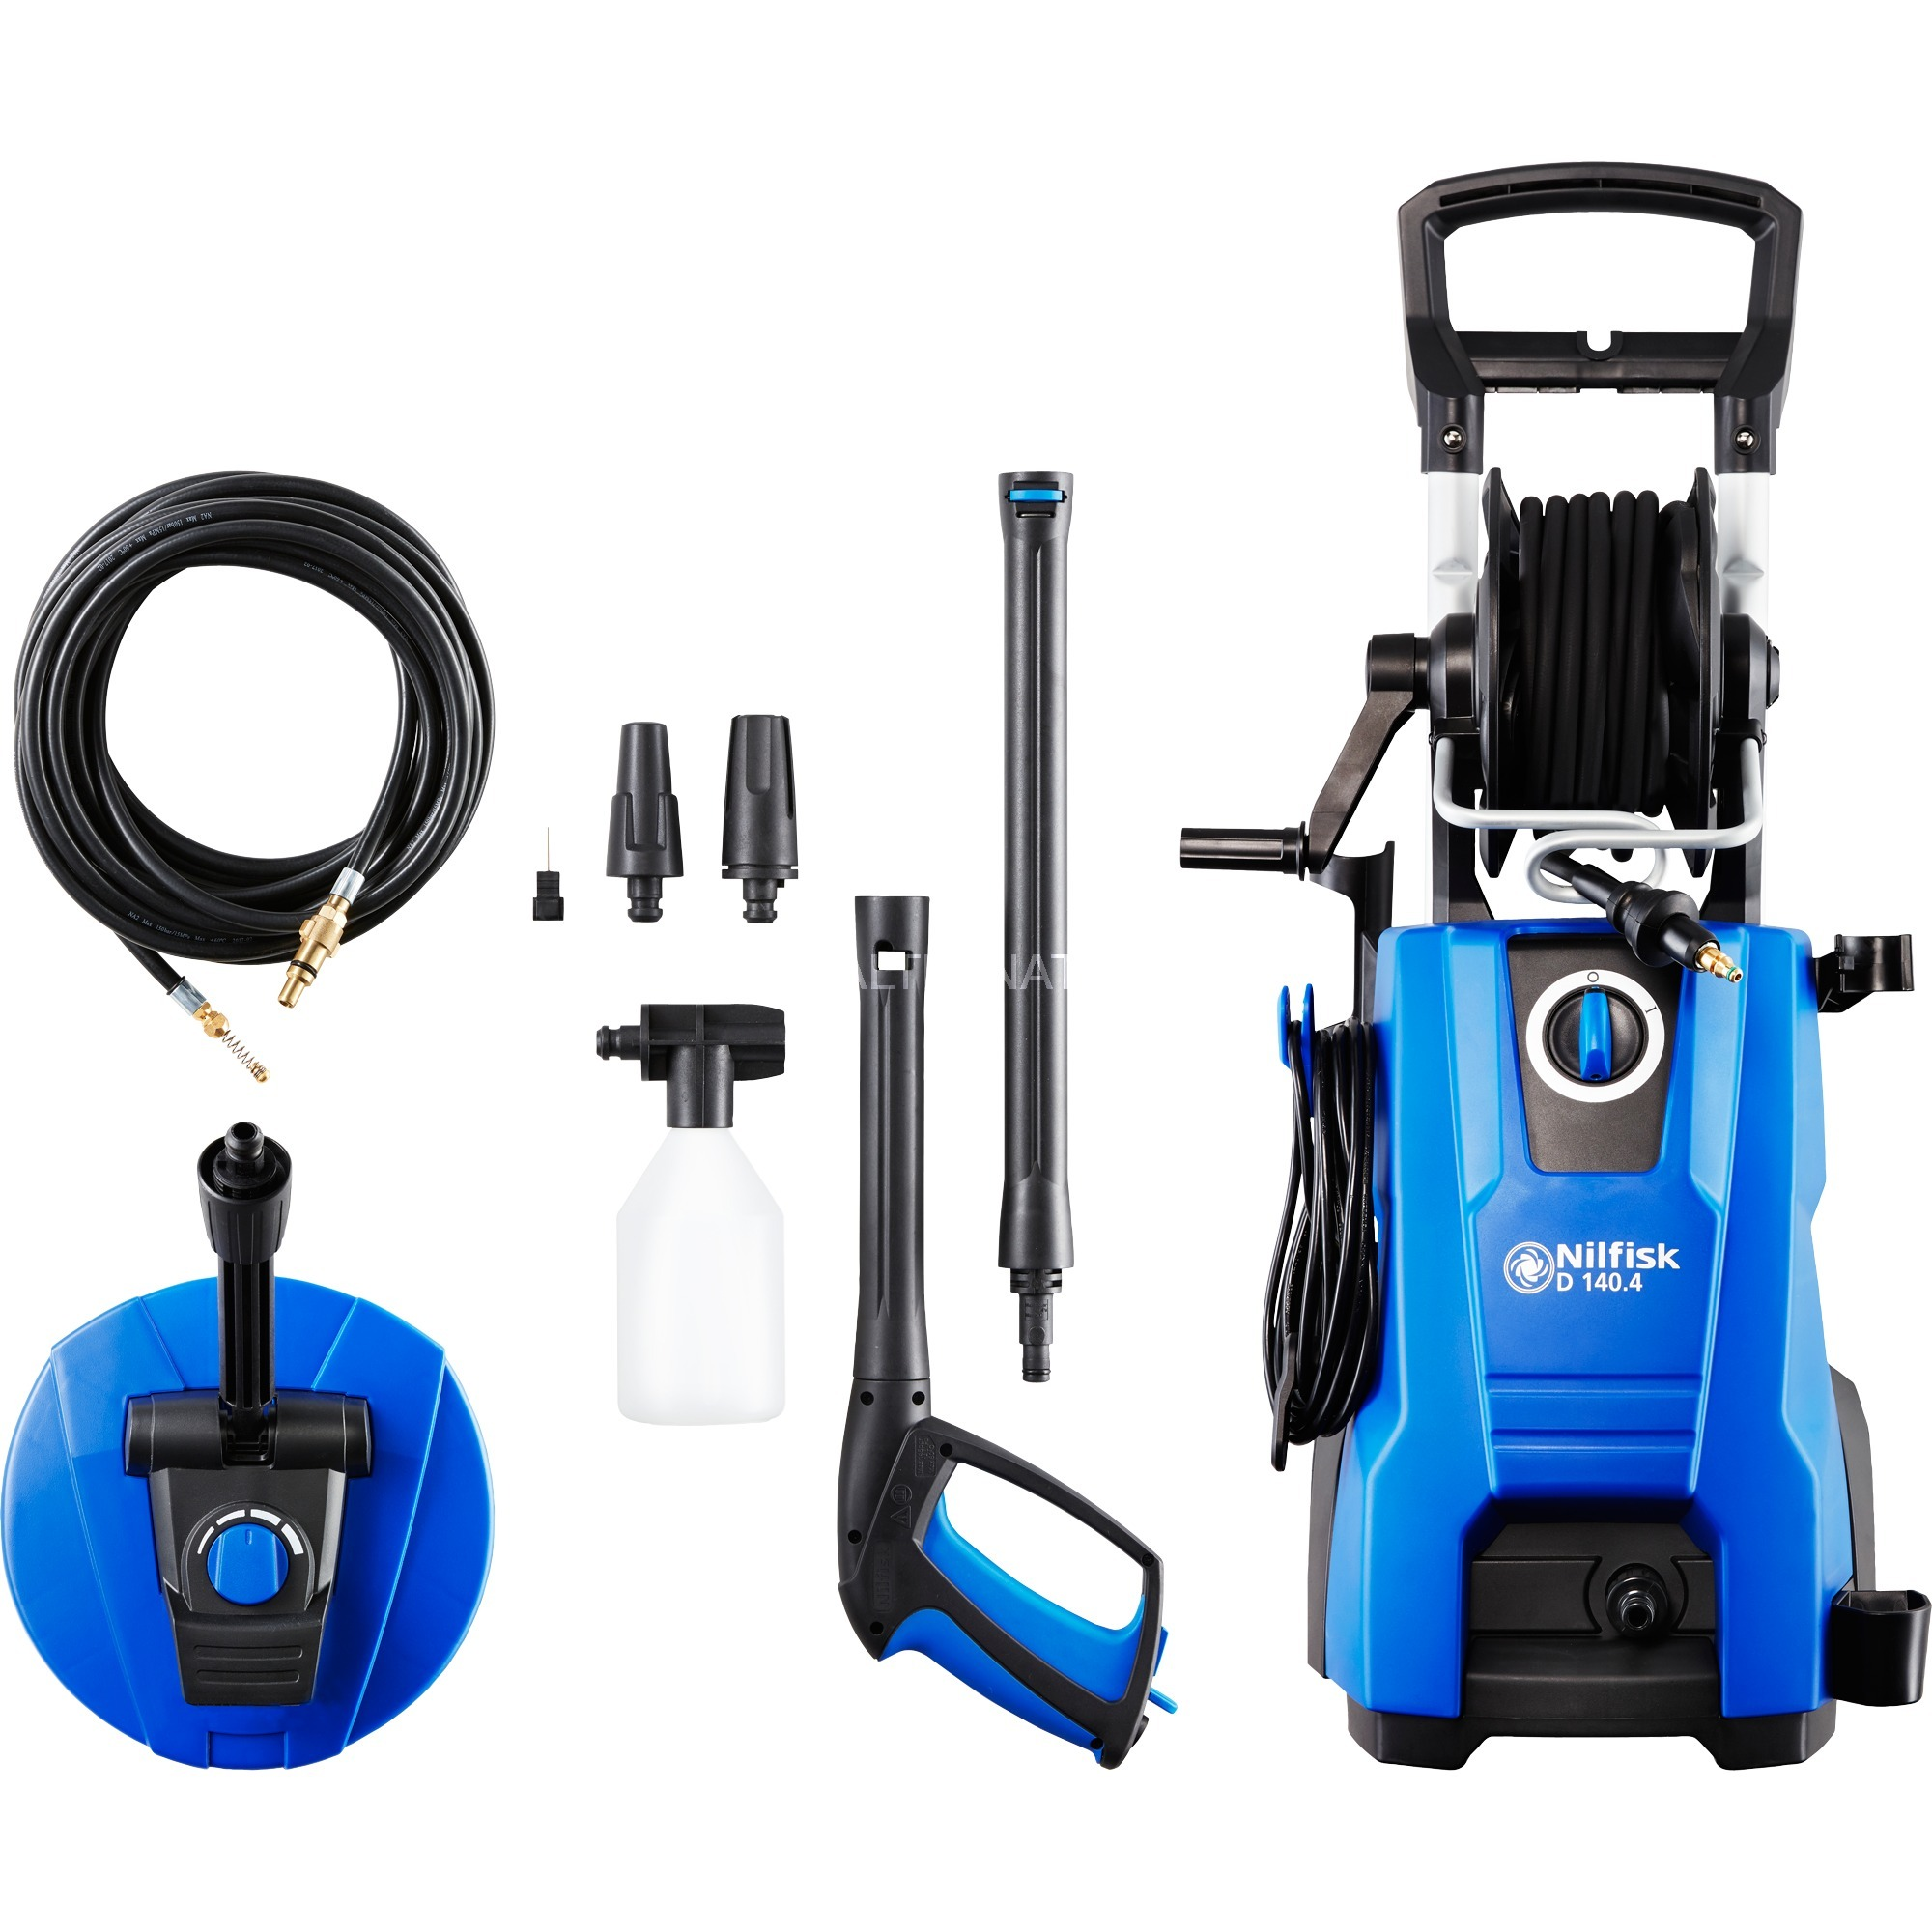 D 140.4 Limpiadora de alta presión o Hidrolimpiadora Compacto Eléctrico Negro, Azul 550 l/h 2400 W, Hidrolimpiadora de alta presión